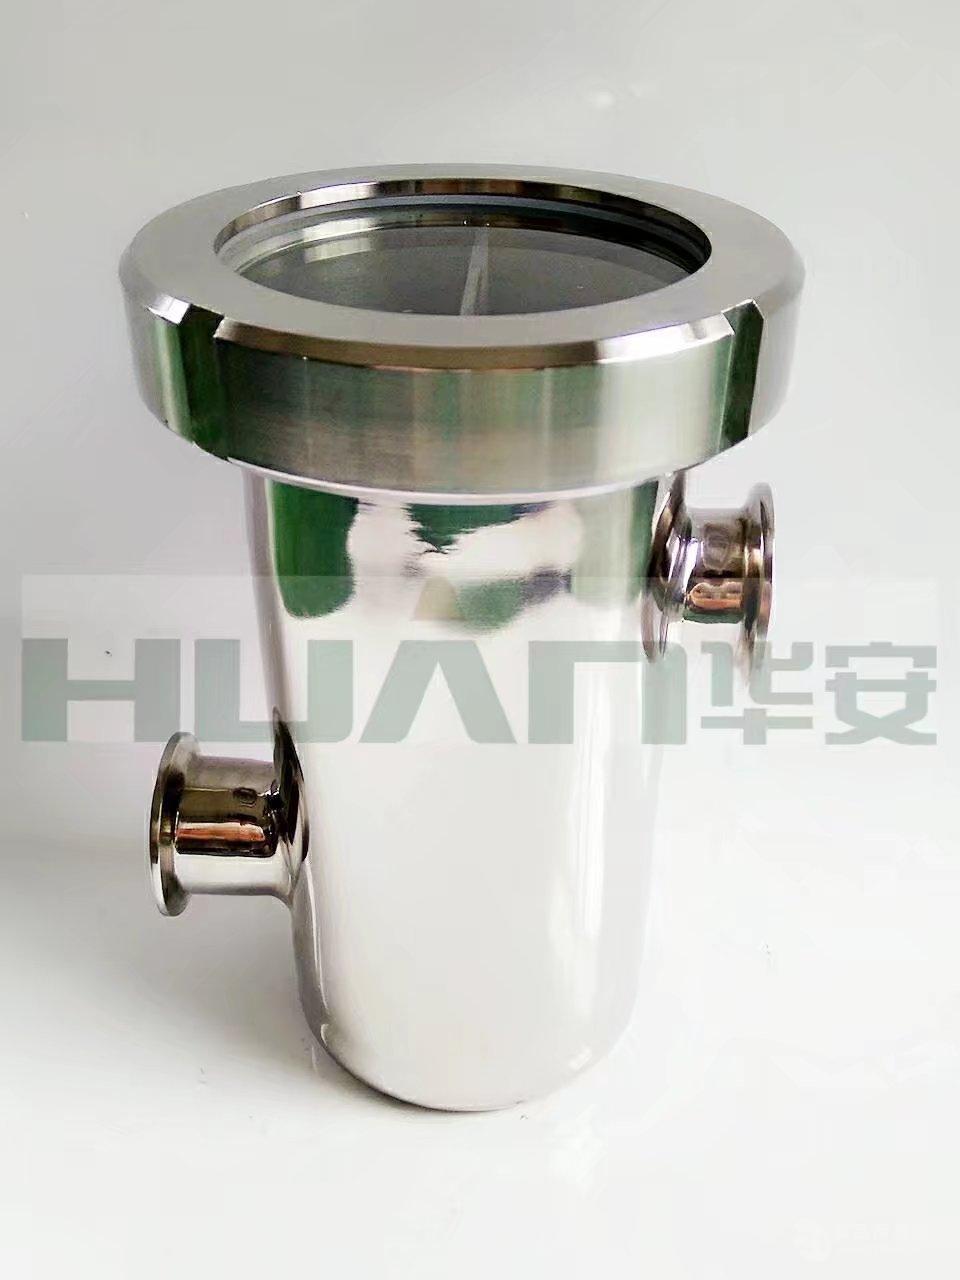 卫生级不锈钢空气阻断器,防倒灌地漏,空气隔断地漏,汽水分离器